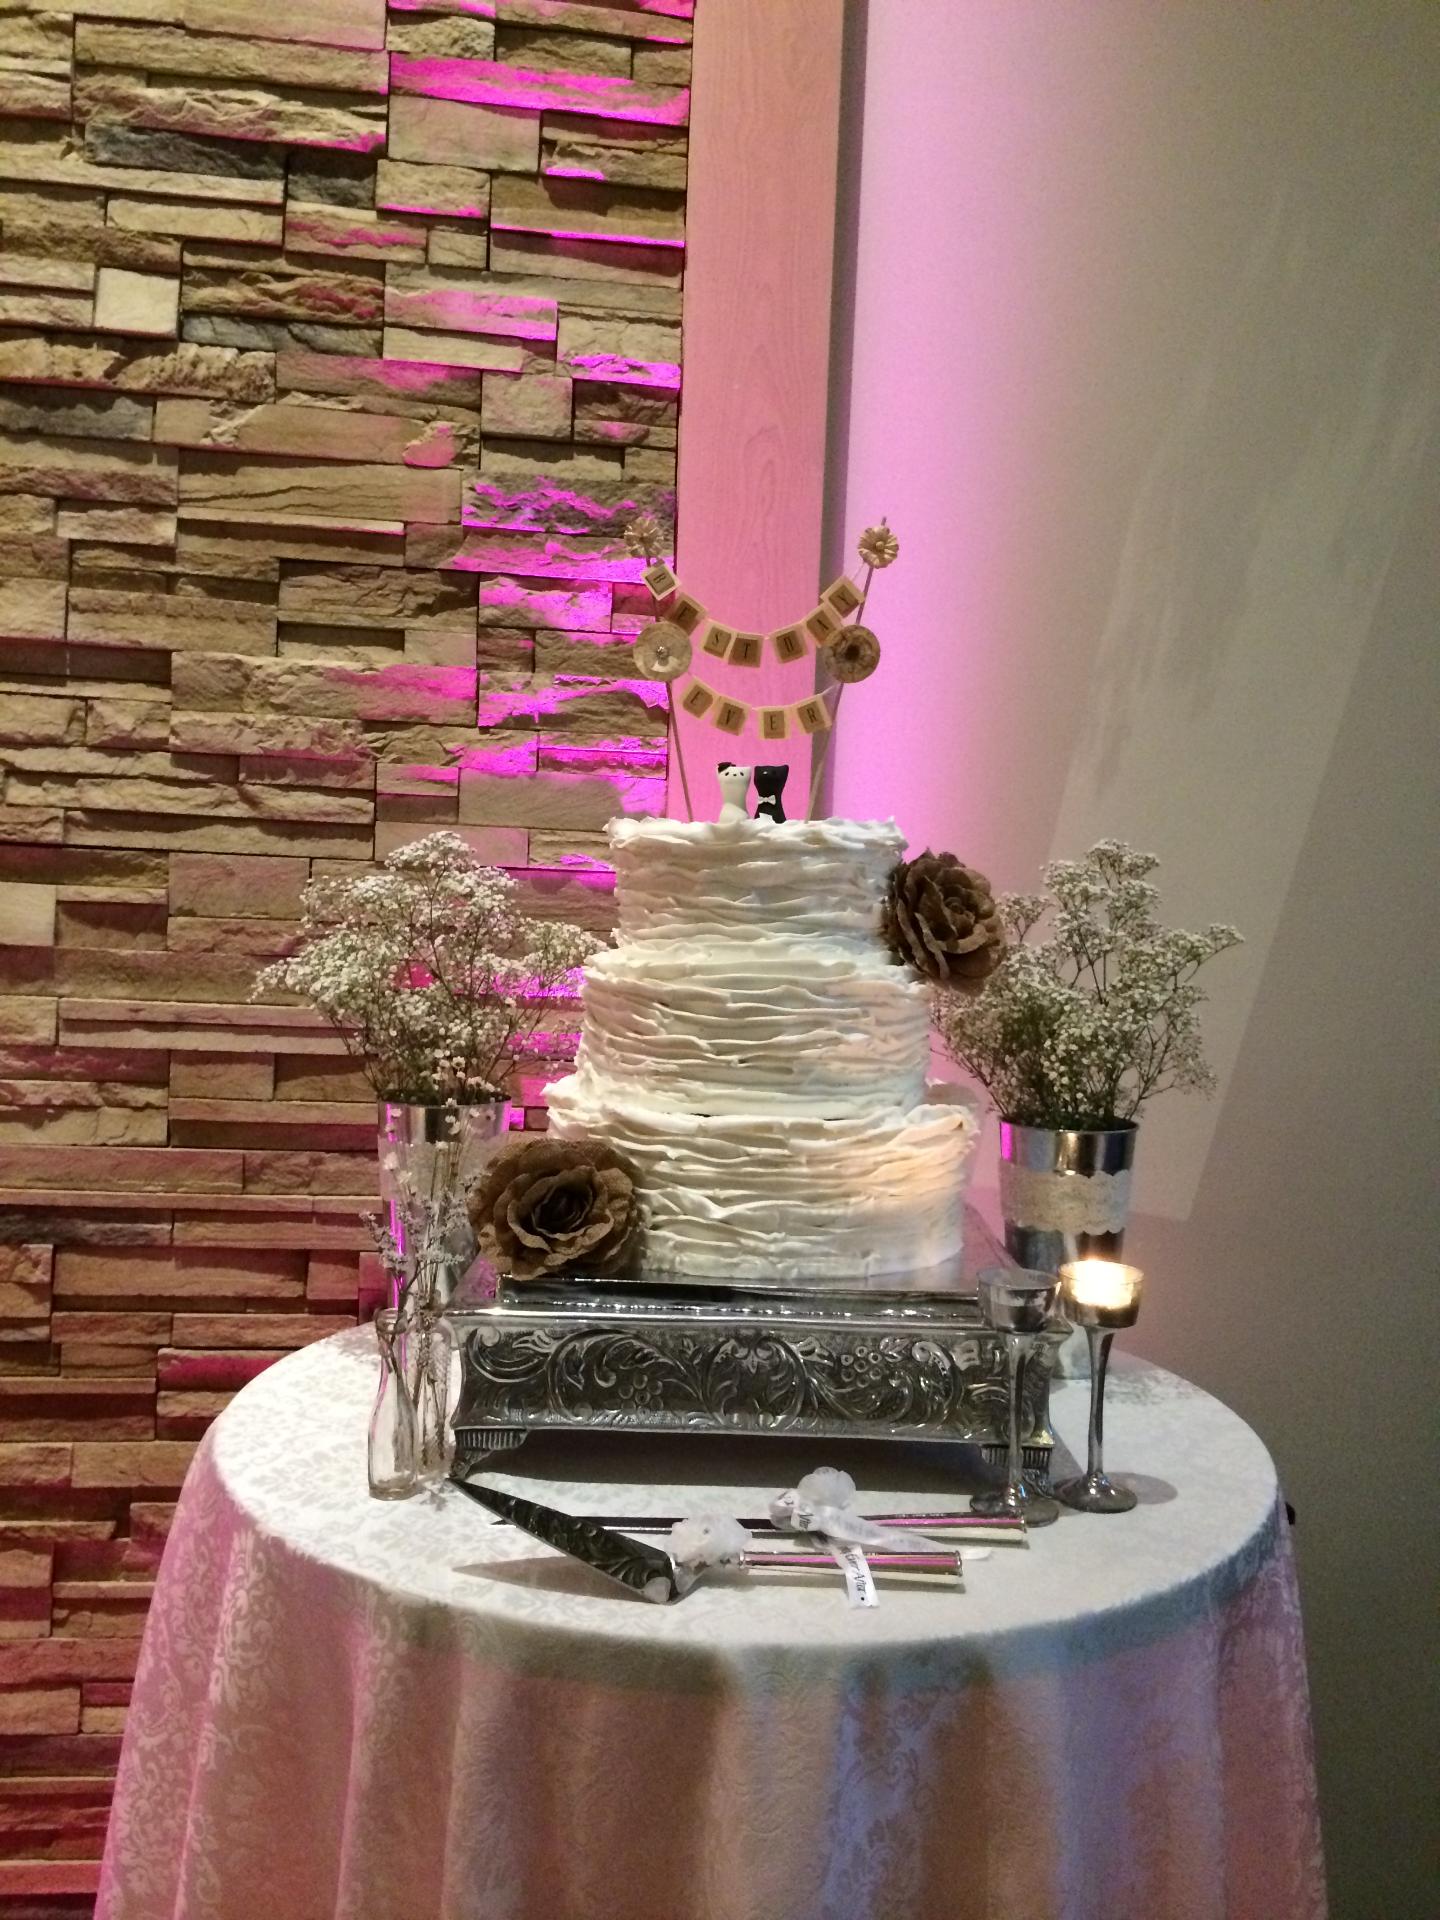 Pink uplight behind cake